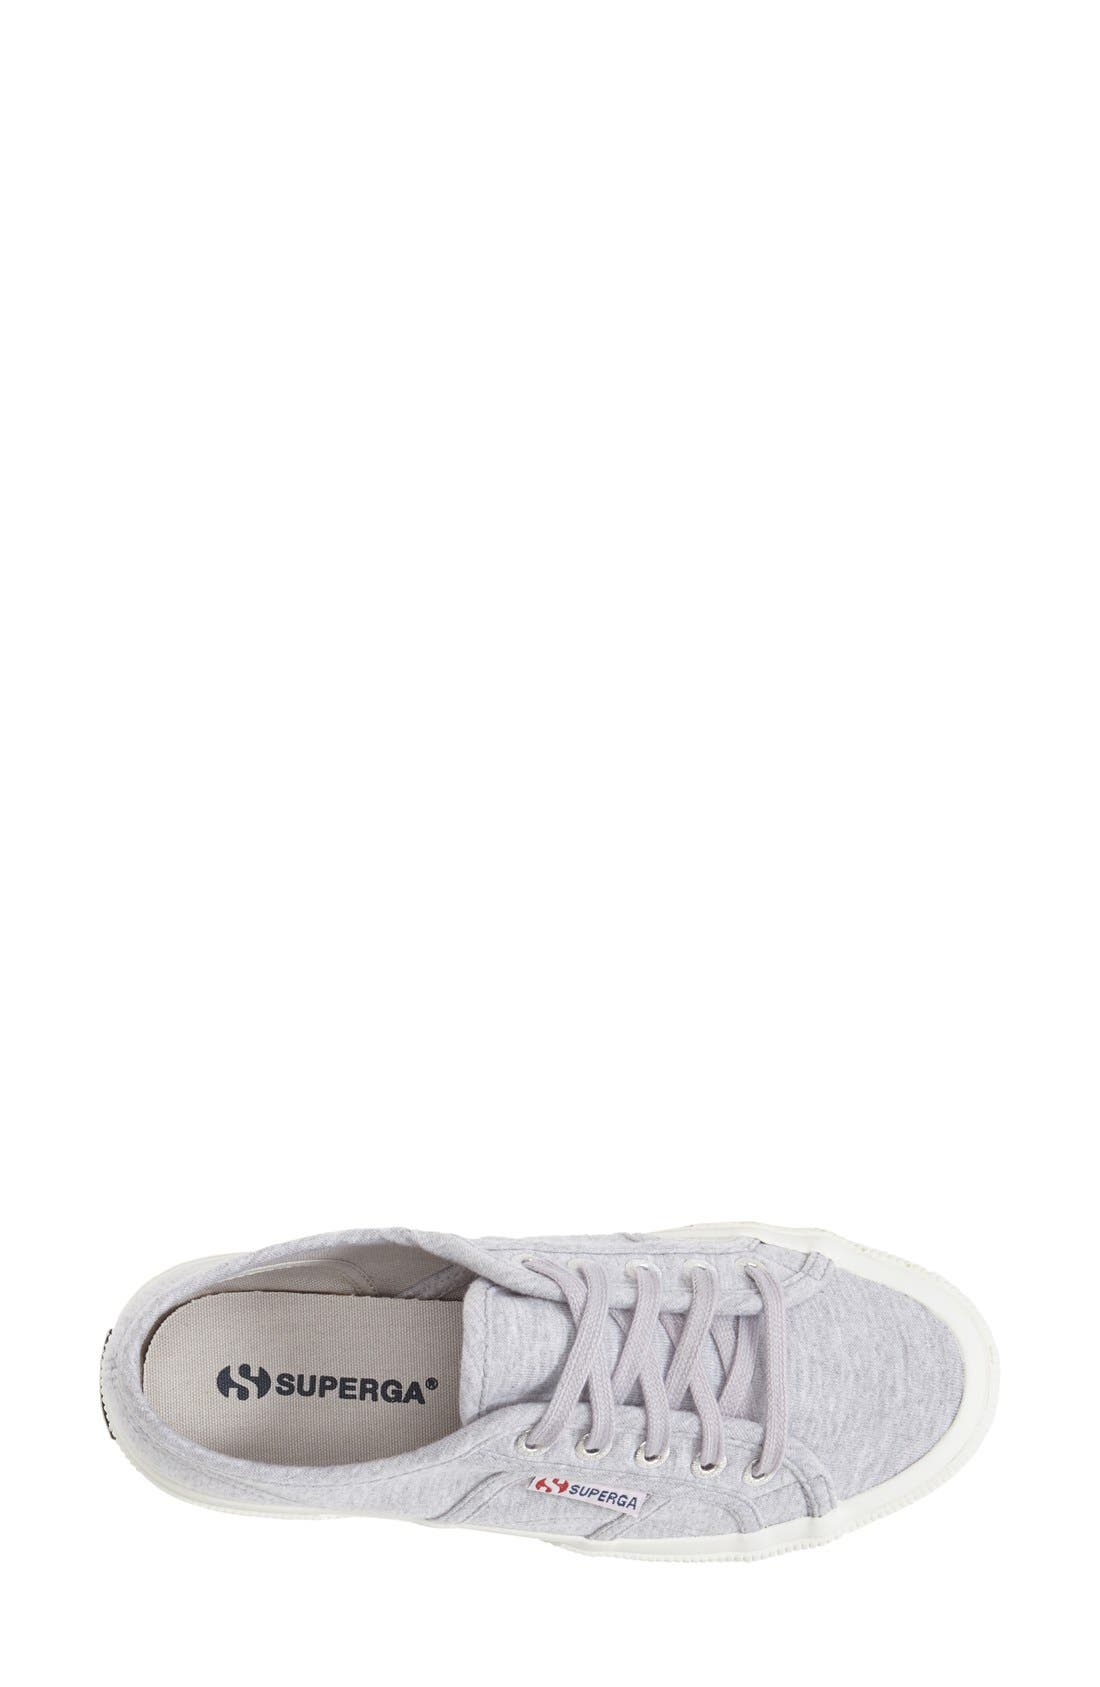 Alternate Image 3  - Superga 'Jersey' Sneaker (Women)